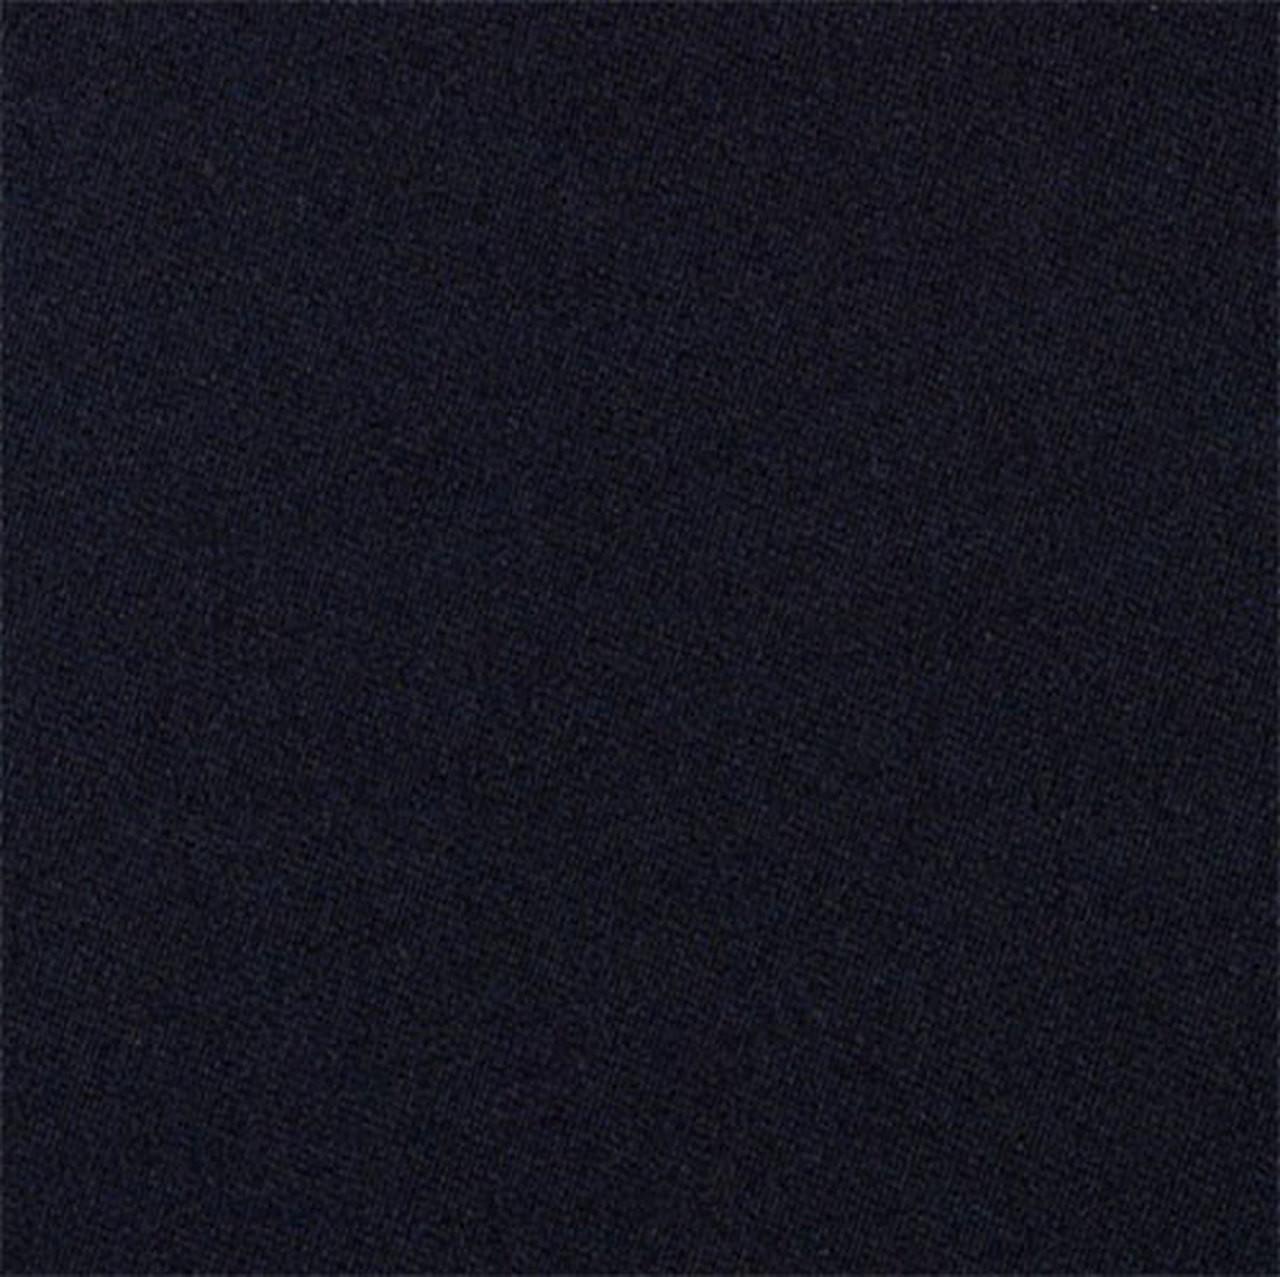 Simonis 860 Marine Blue Pool Table Felt - 8ft